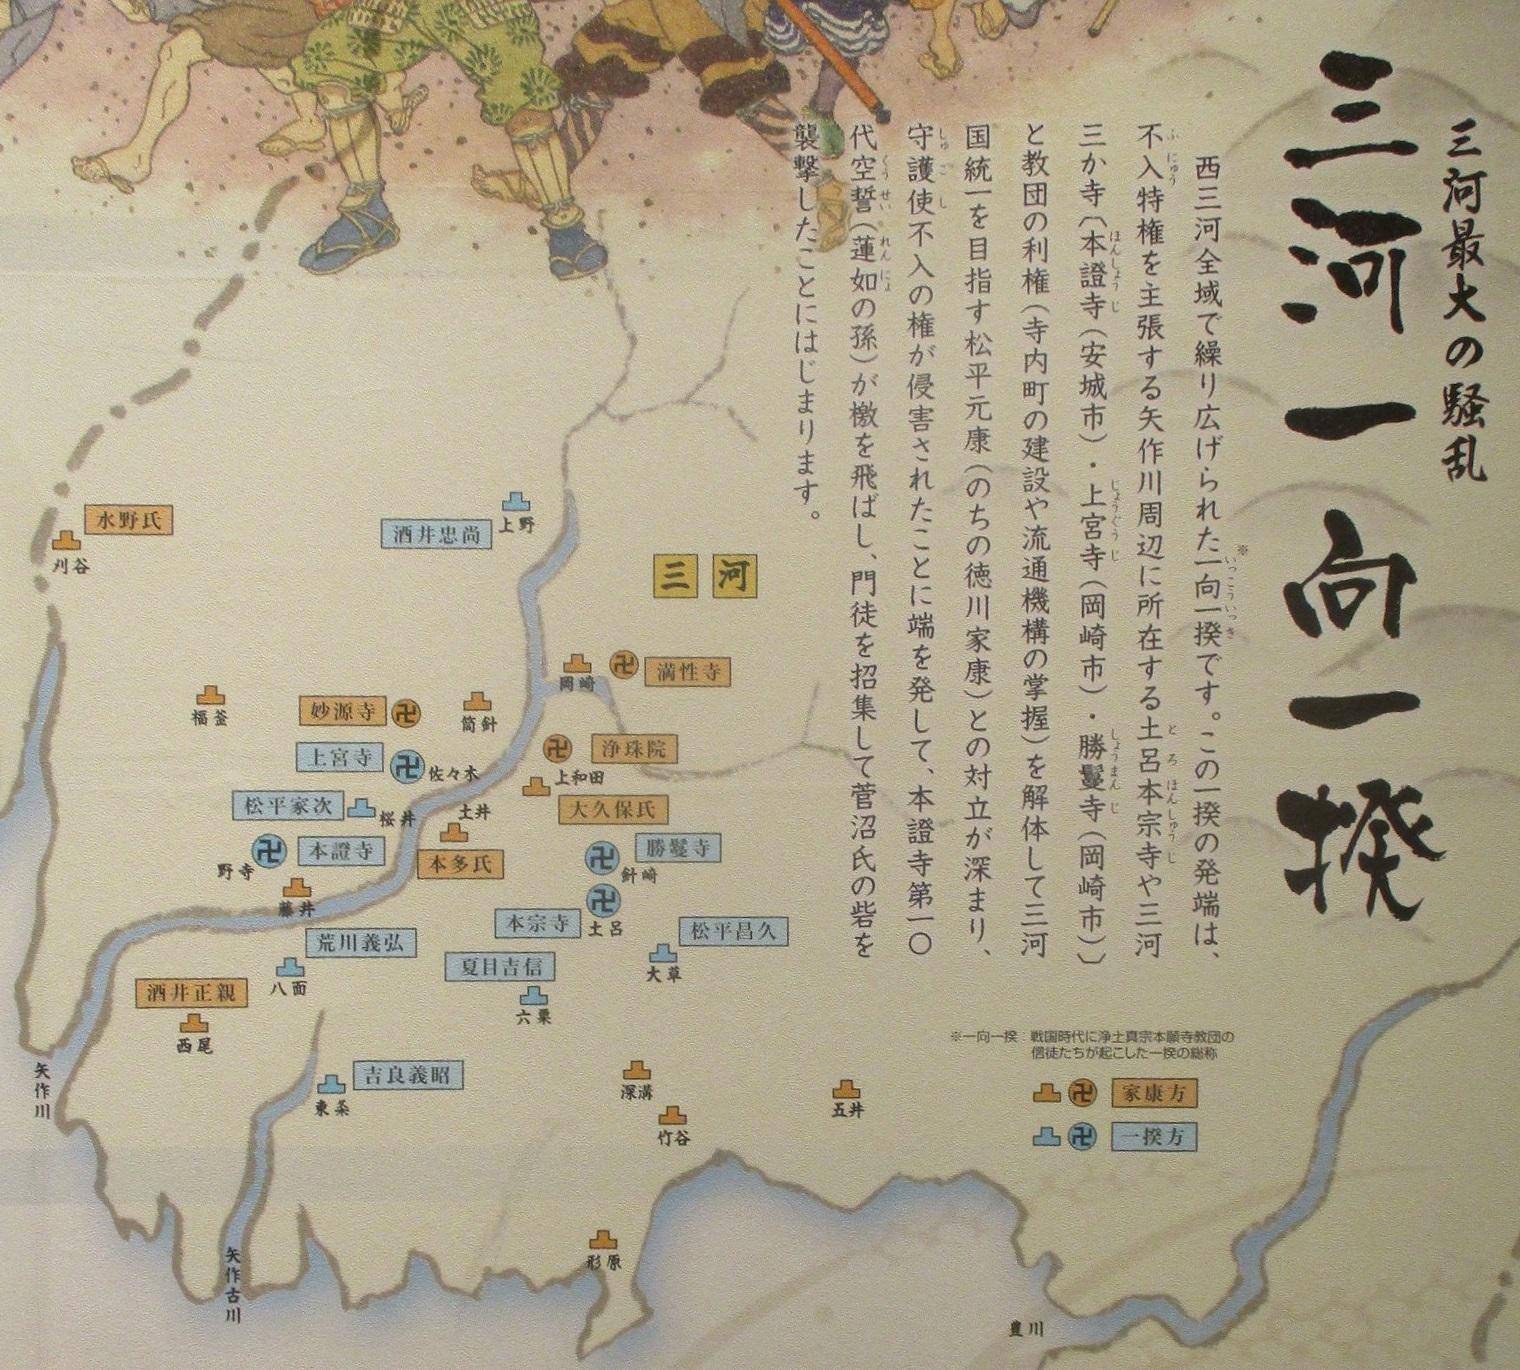 2020.6.2 (7) 悠紀のさと - 「三河一向一揆」 1520-1370